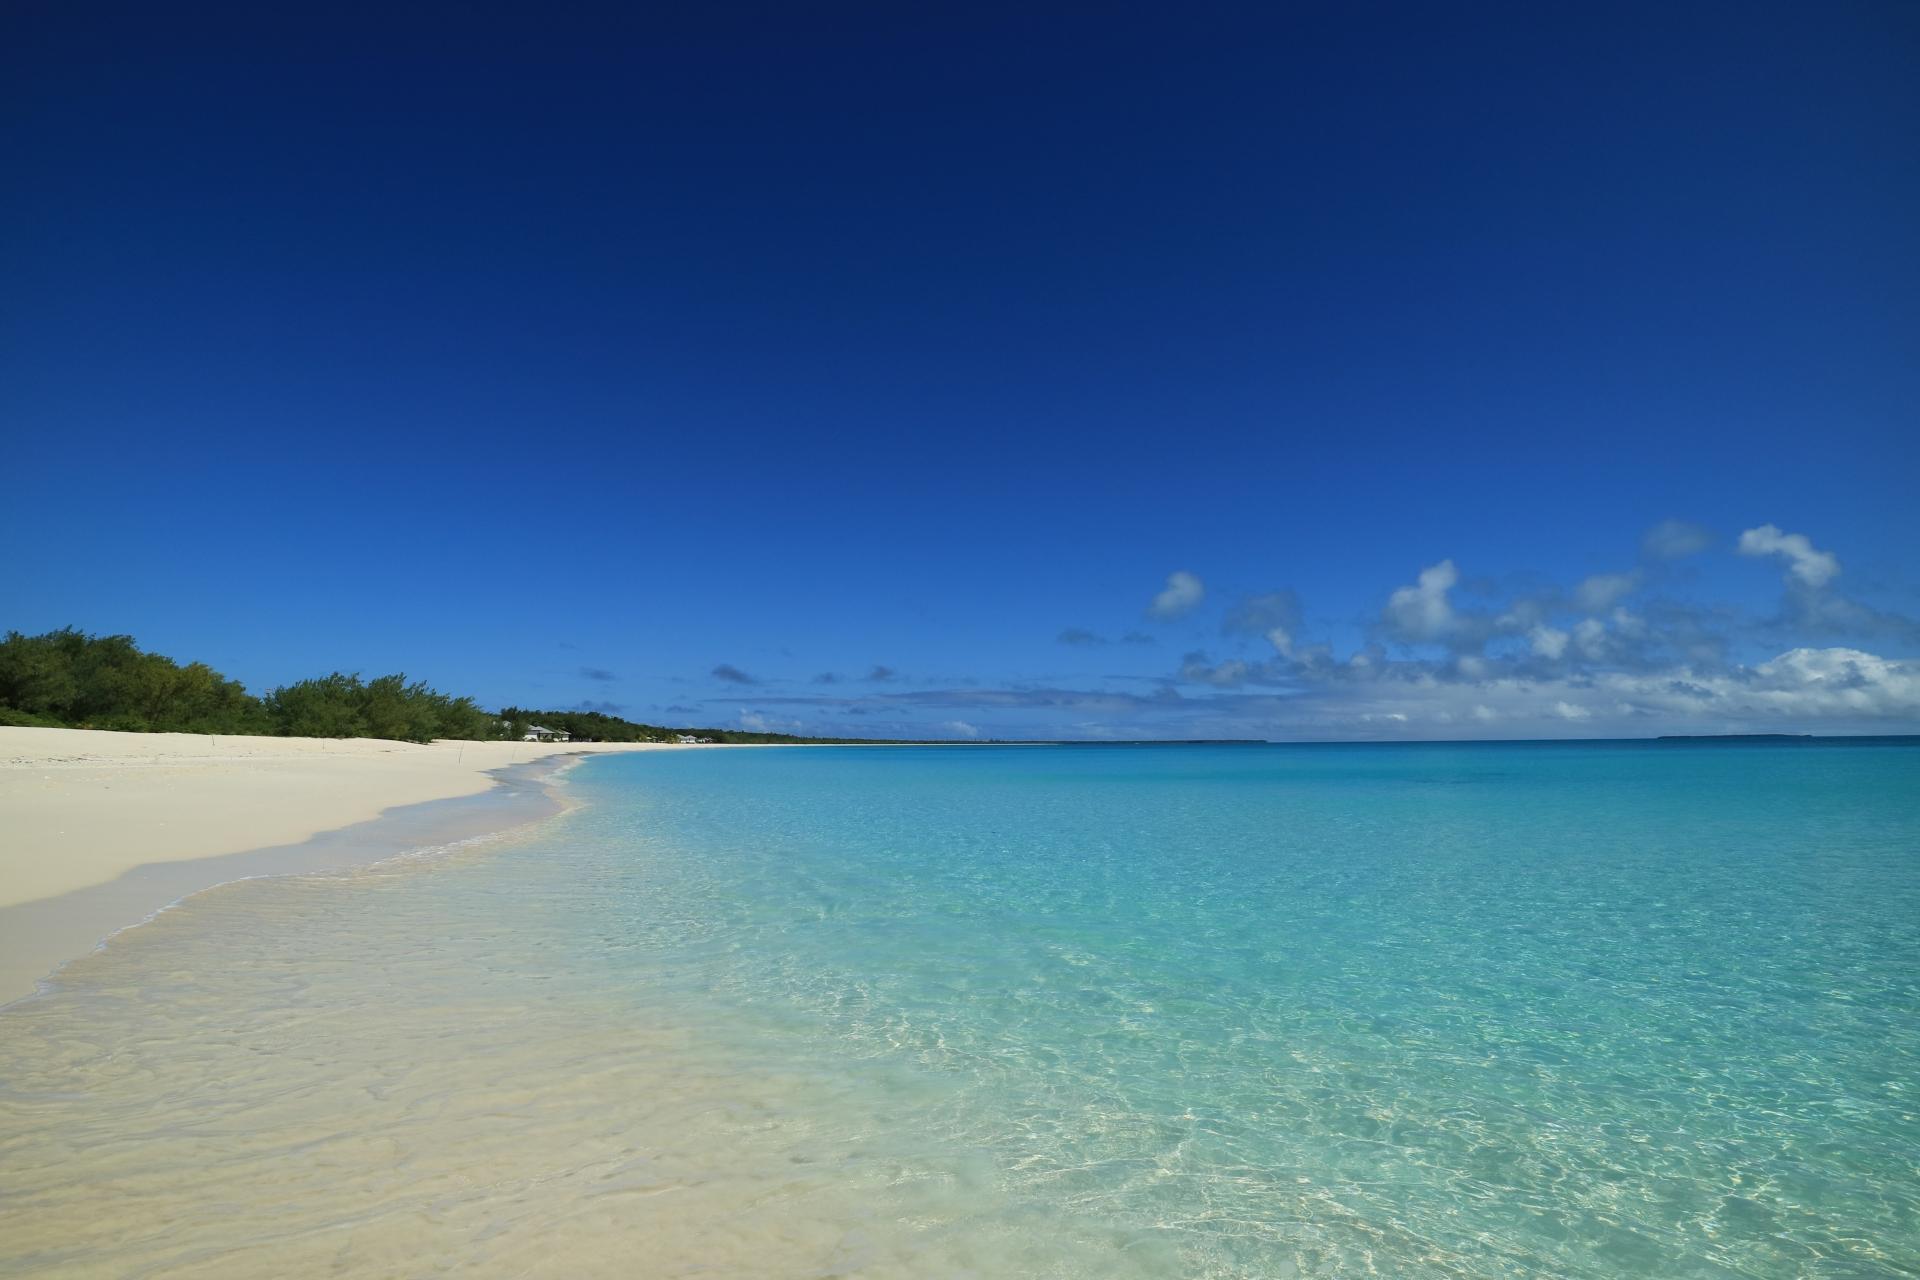 ニューカレドニアの観光スポット26選!天国に一番近い島の見どころをご紹介!